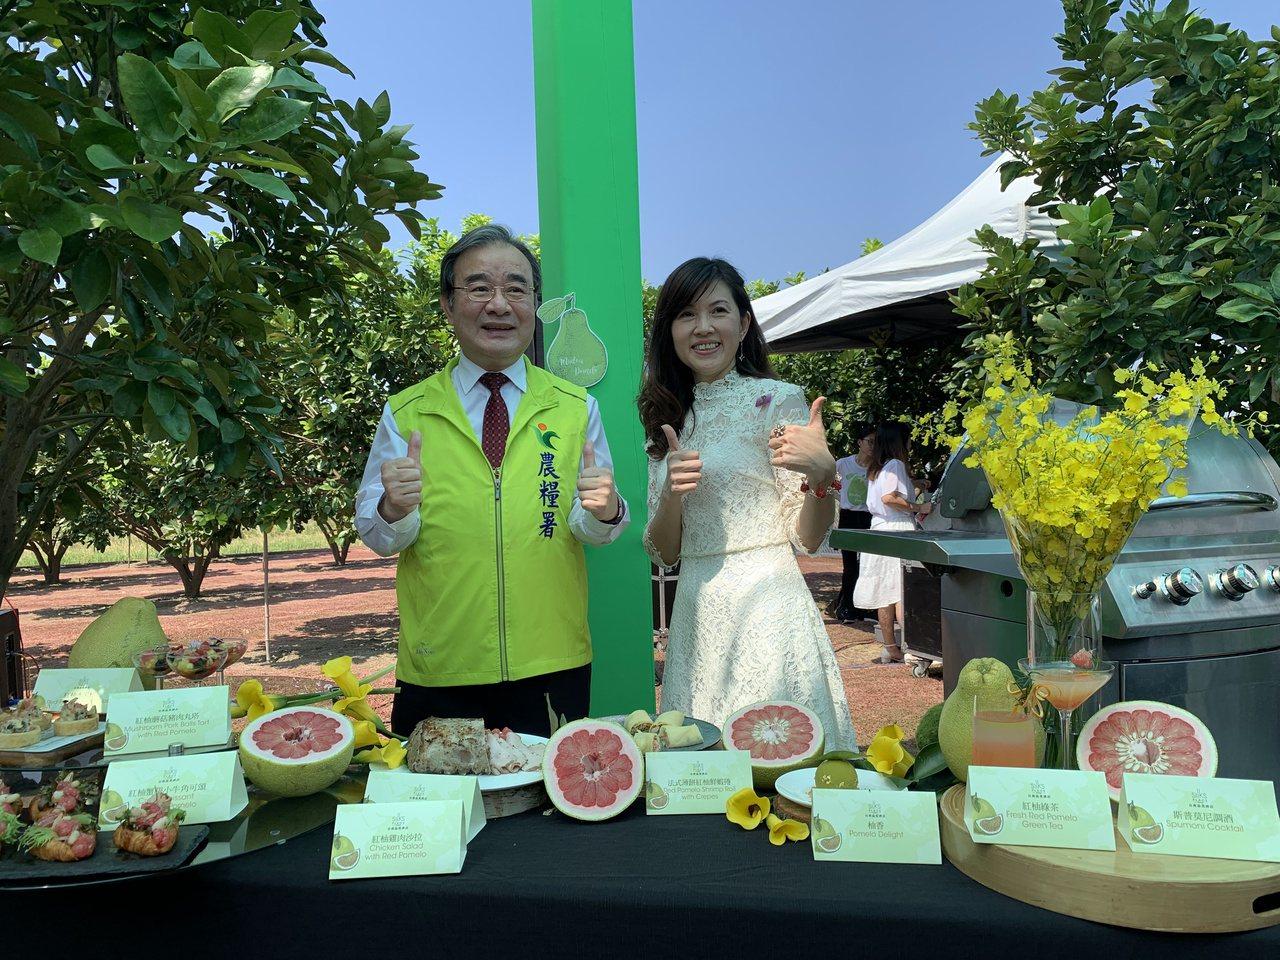 浪漫又好吃!台南麻豆紅柚變身五星級法國風料理